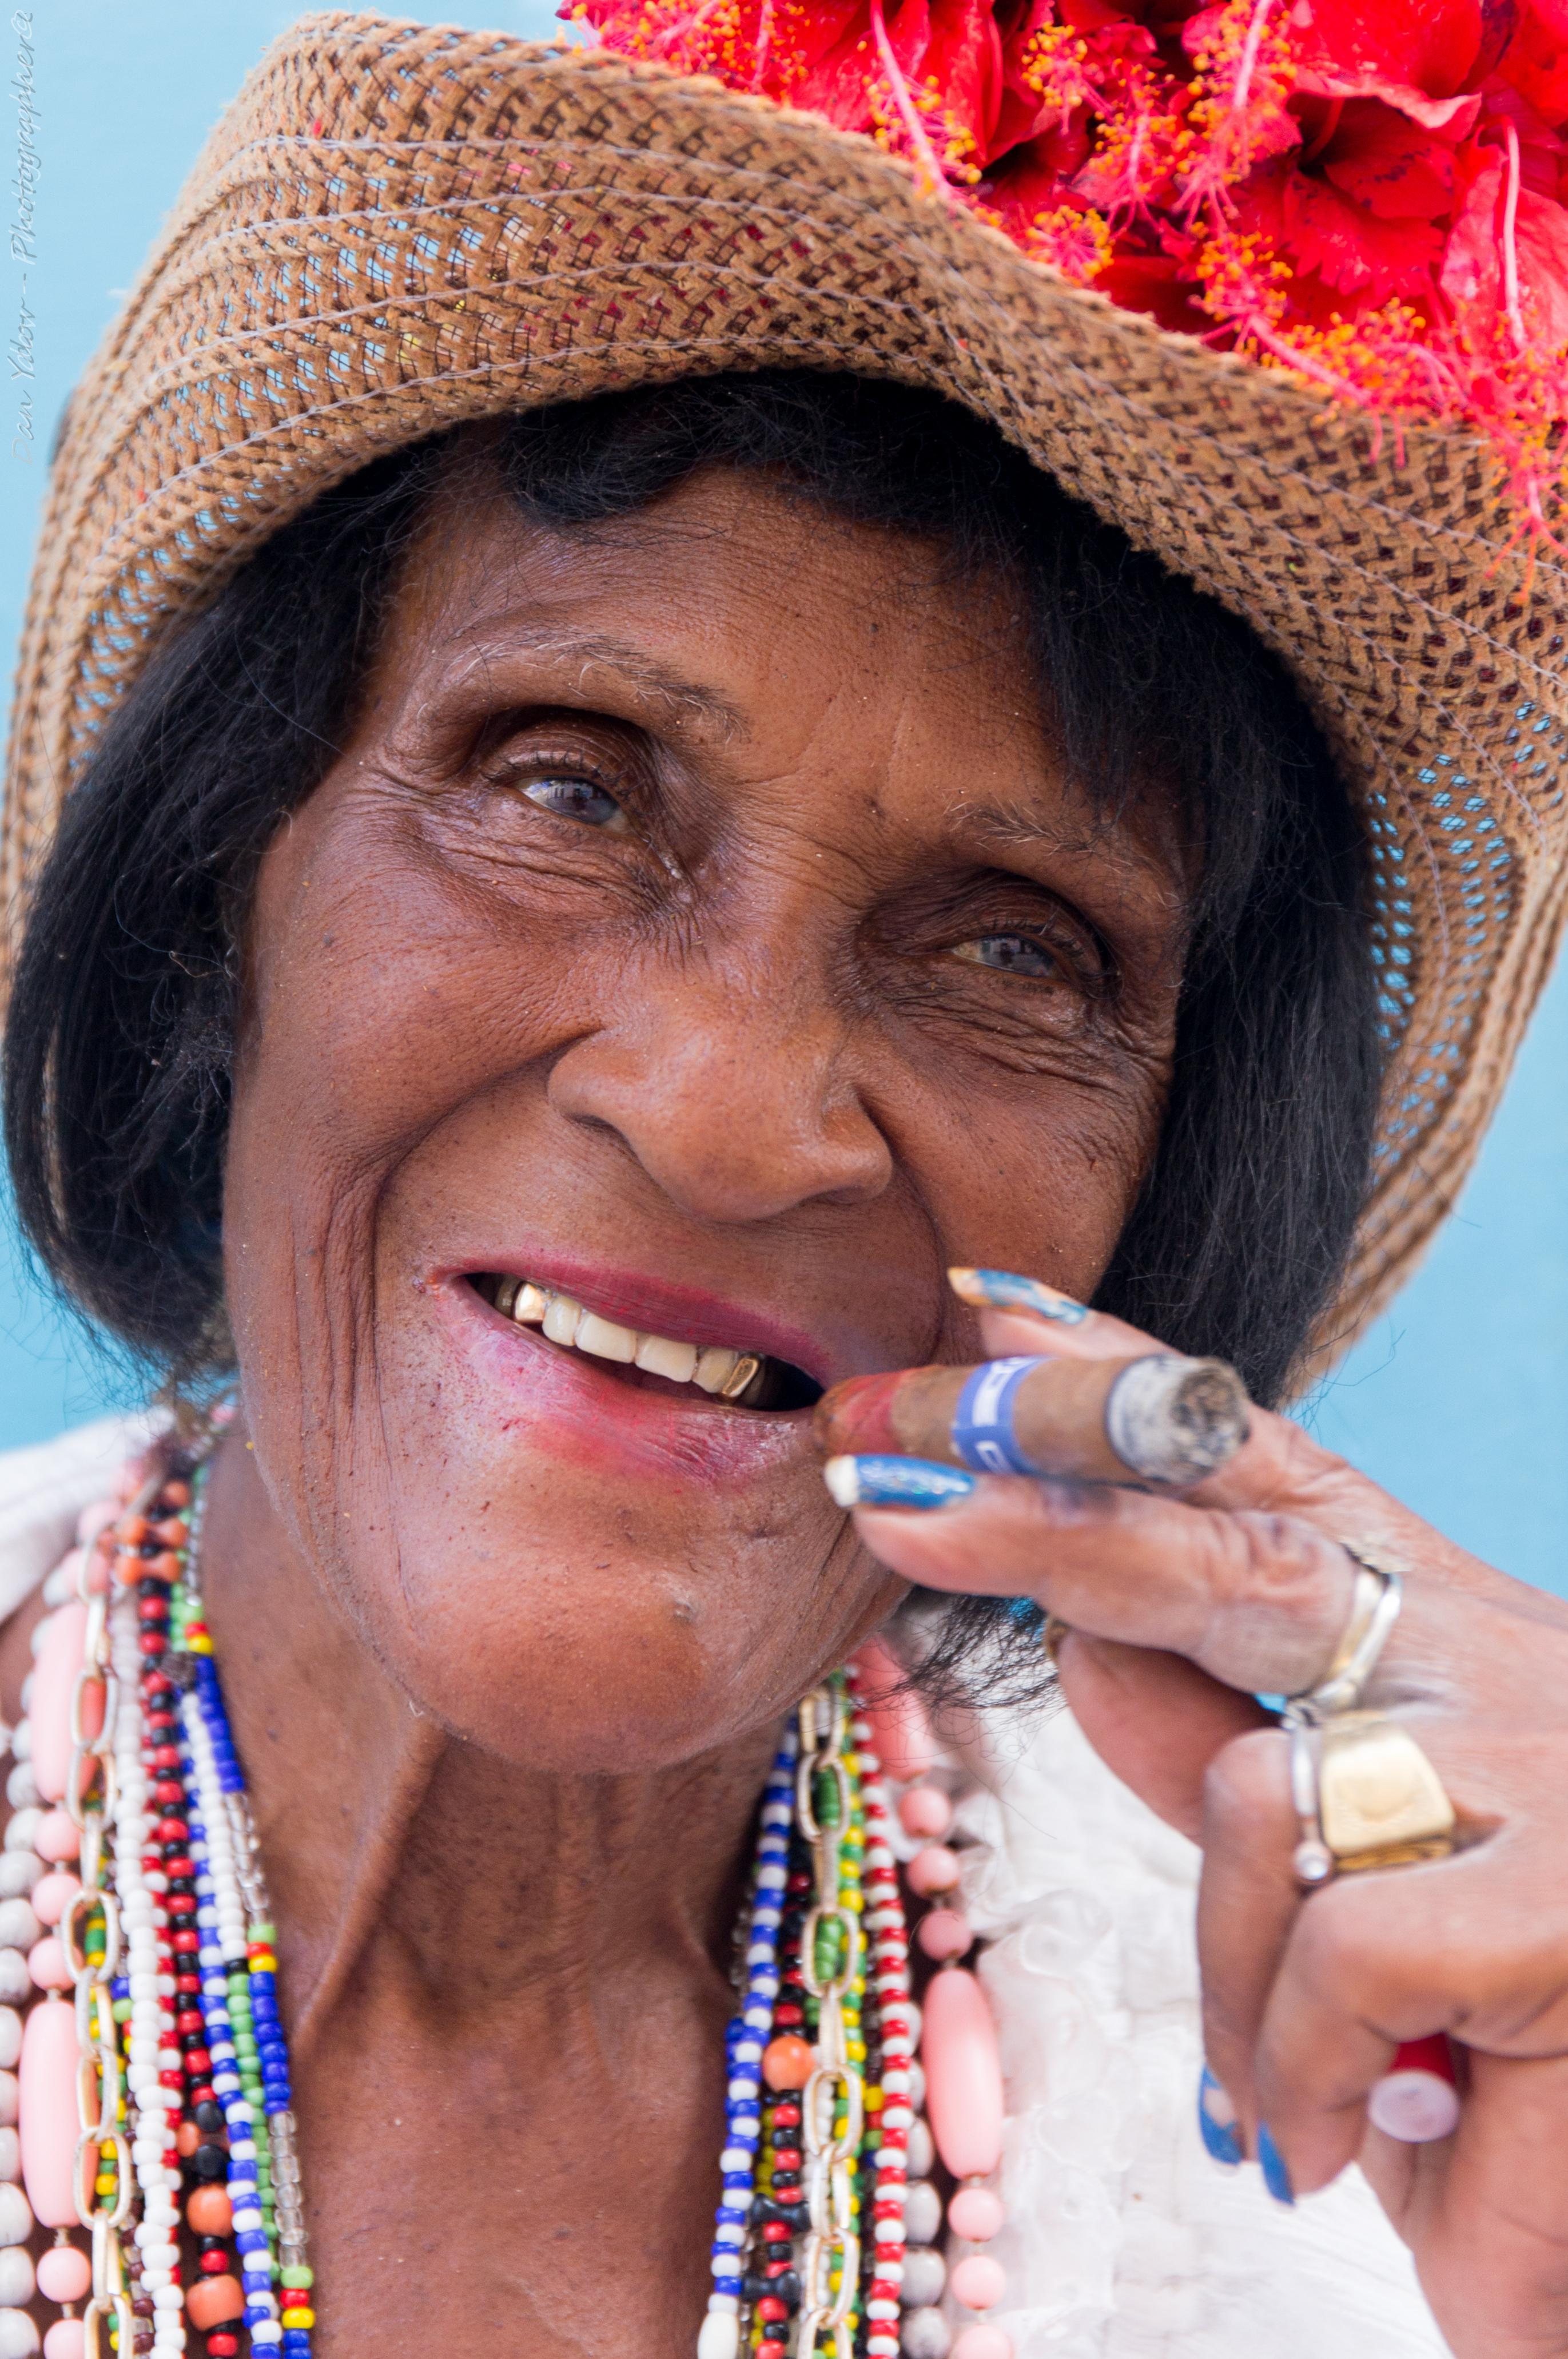 אישה קובנית, צלם פורטרט, צלם תדמית